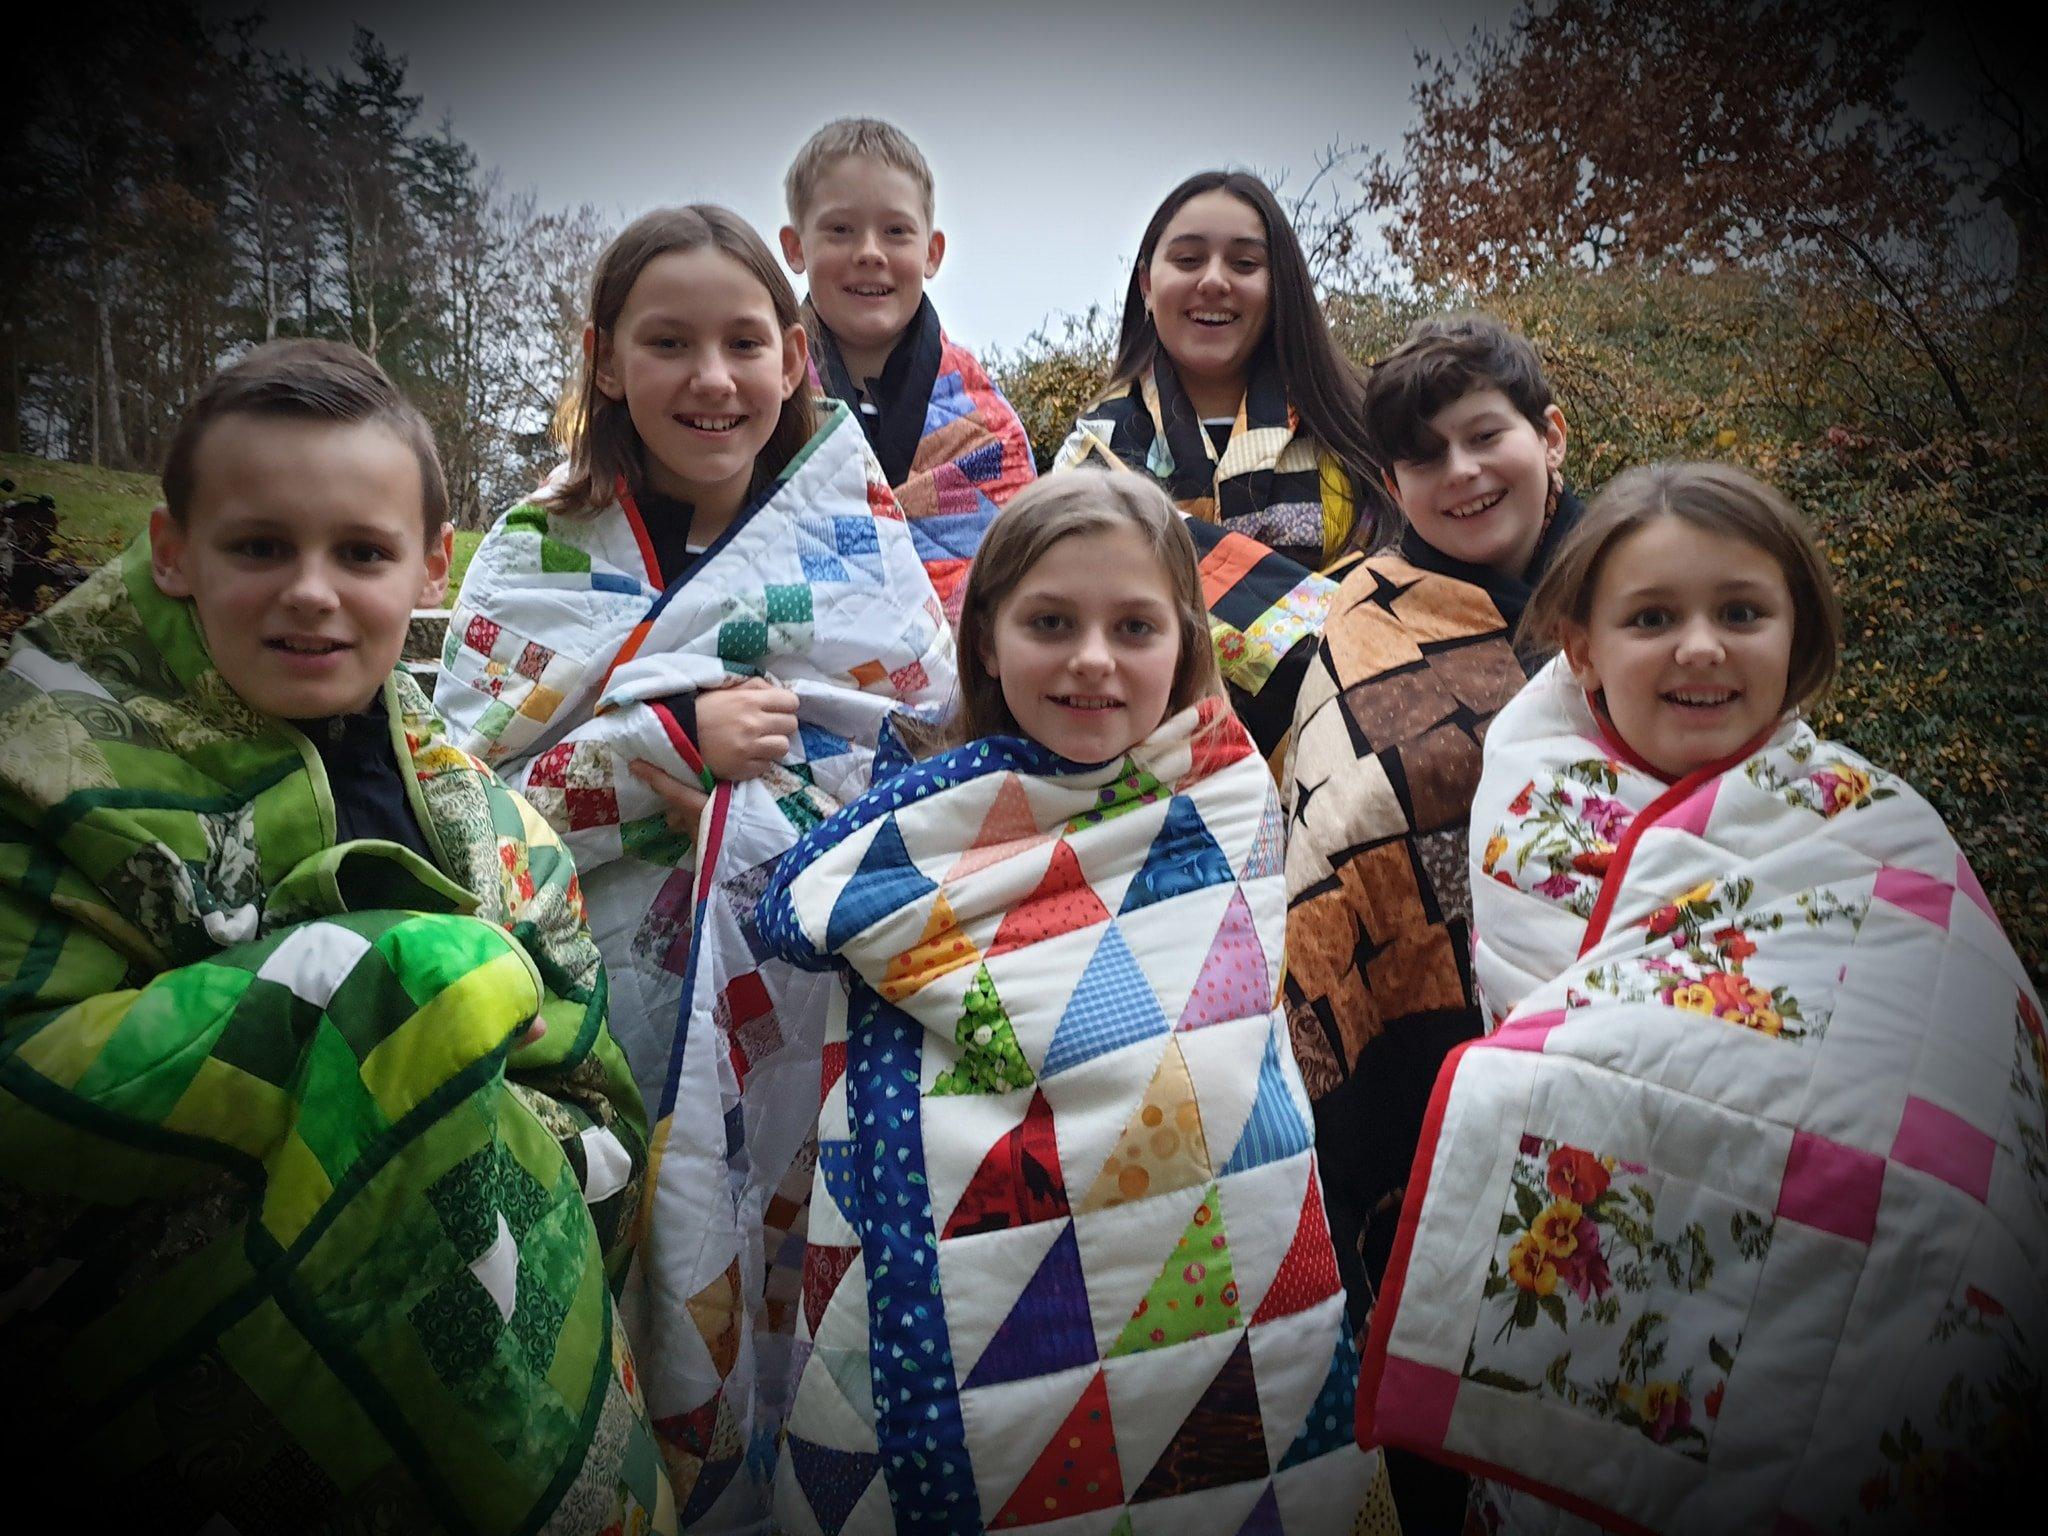 211119 kildemose børn m tæpper